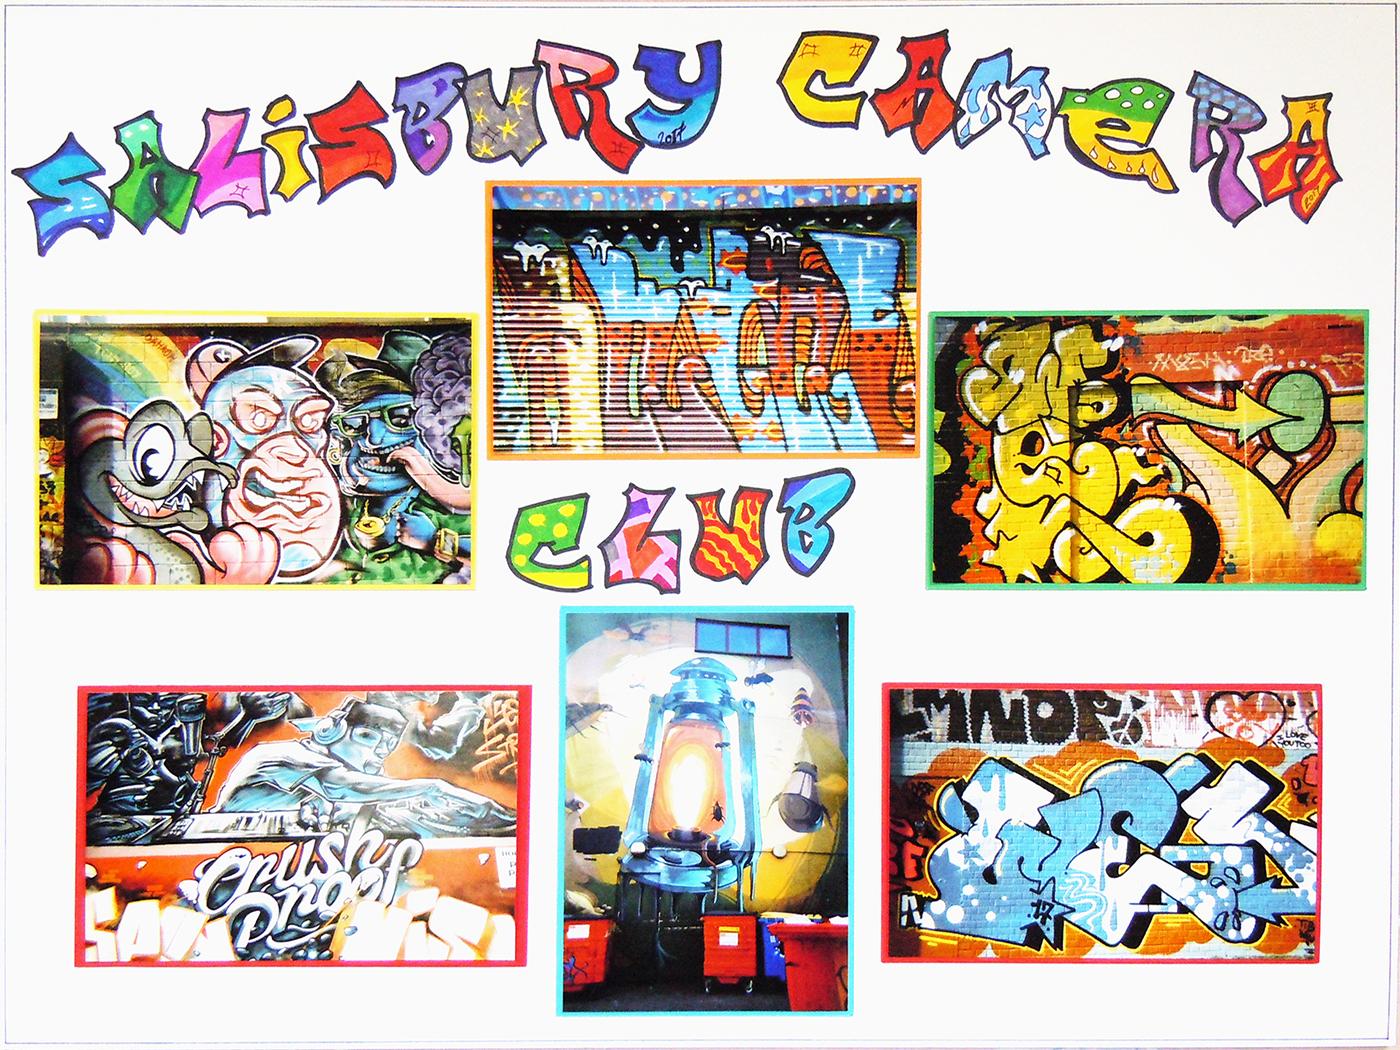 Third 'Graffiti' by Mandy Herridge